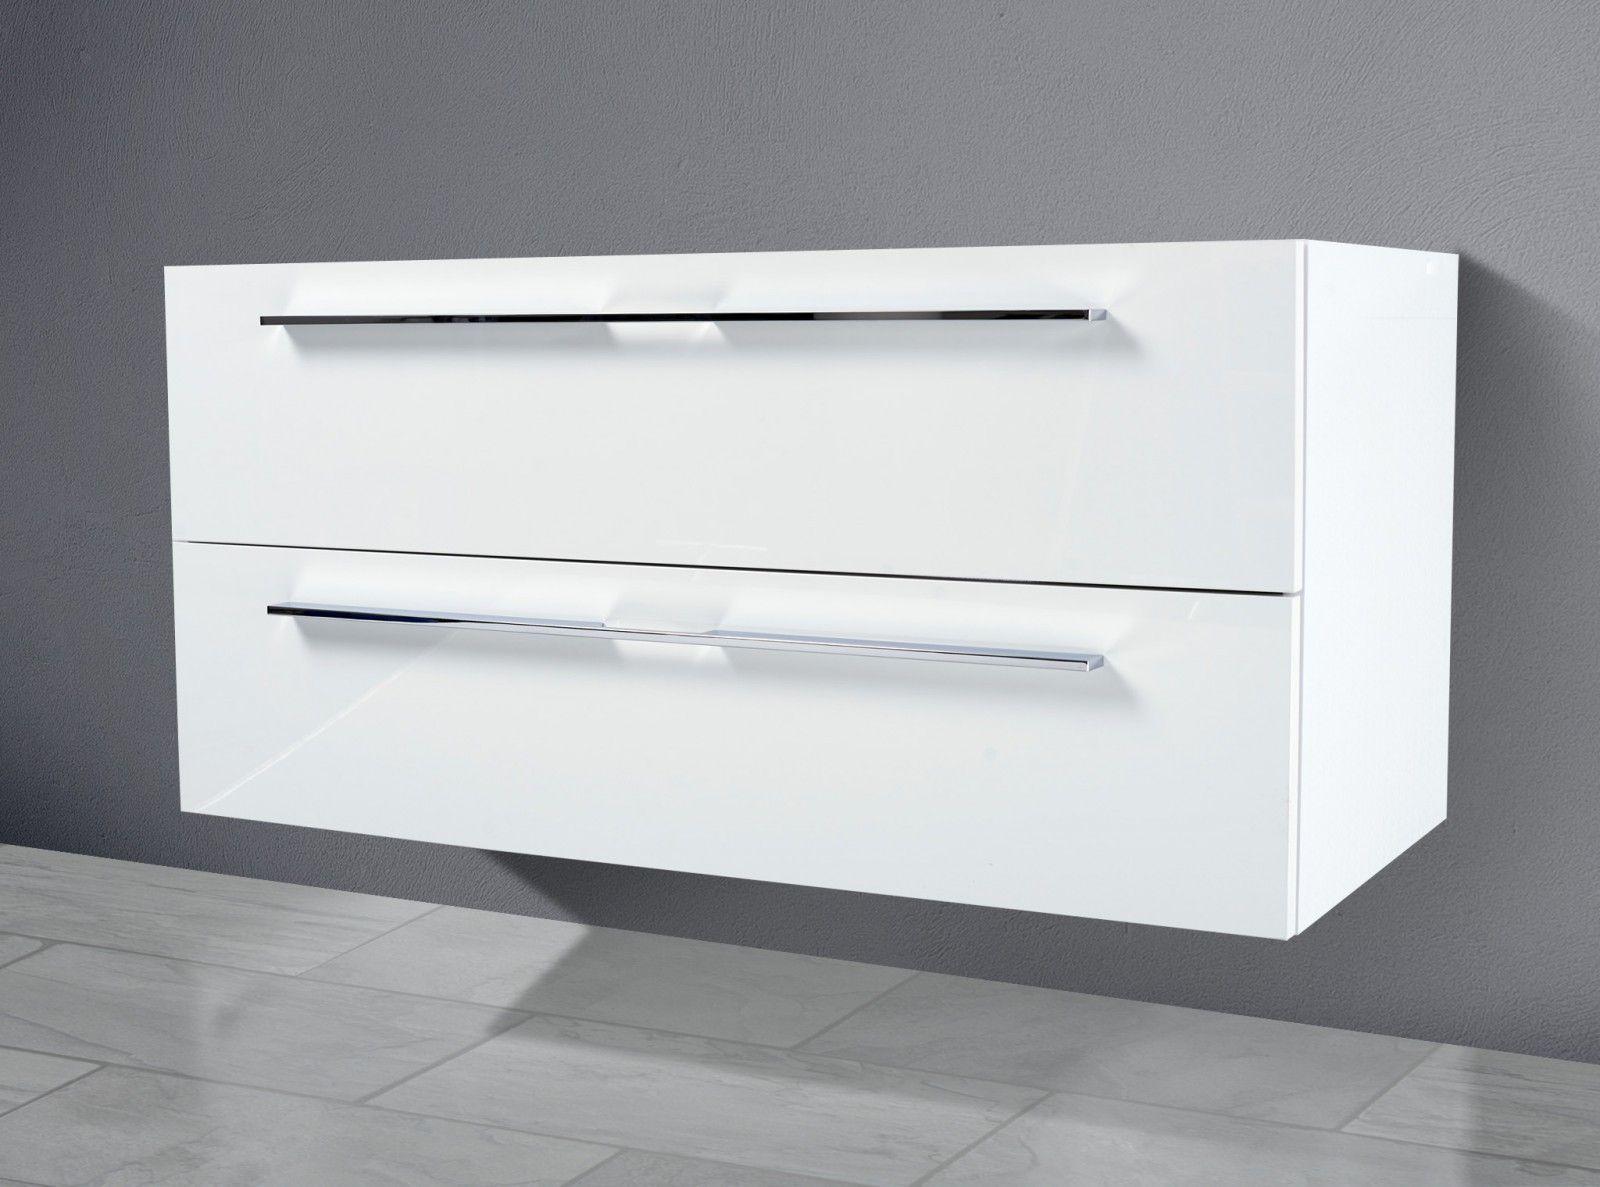 Kama Badezimmermöbel ~ Unterschrank zu keramag citterio 75 cm ablagefläche rechts links